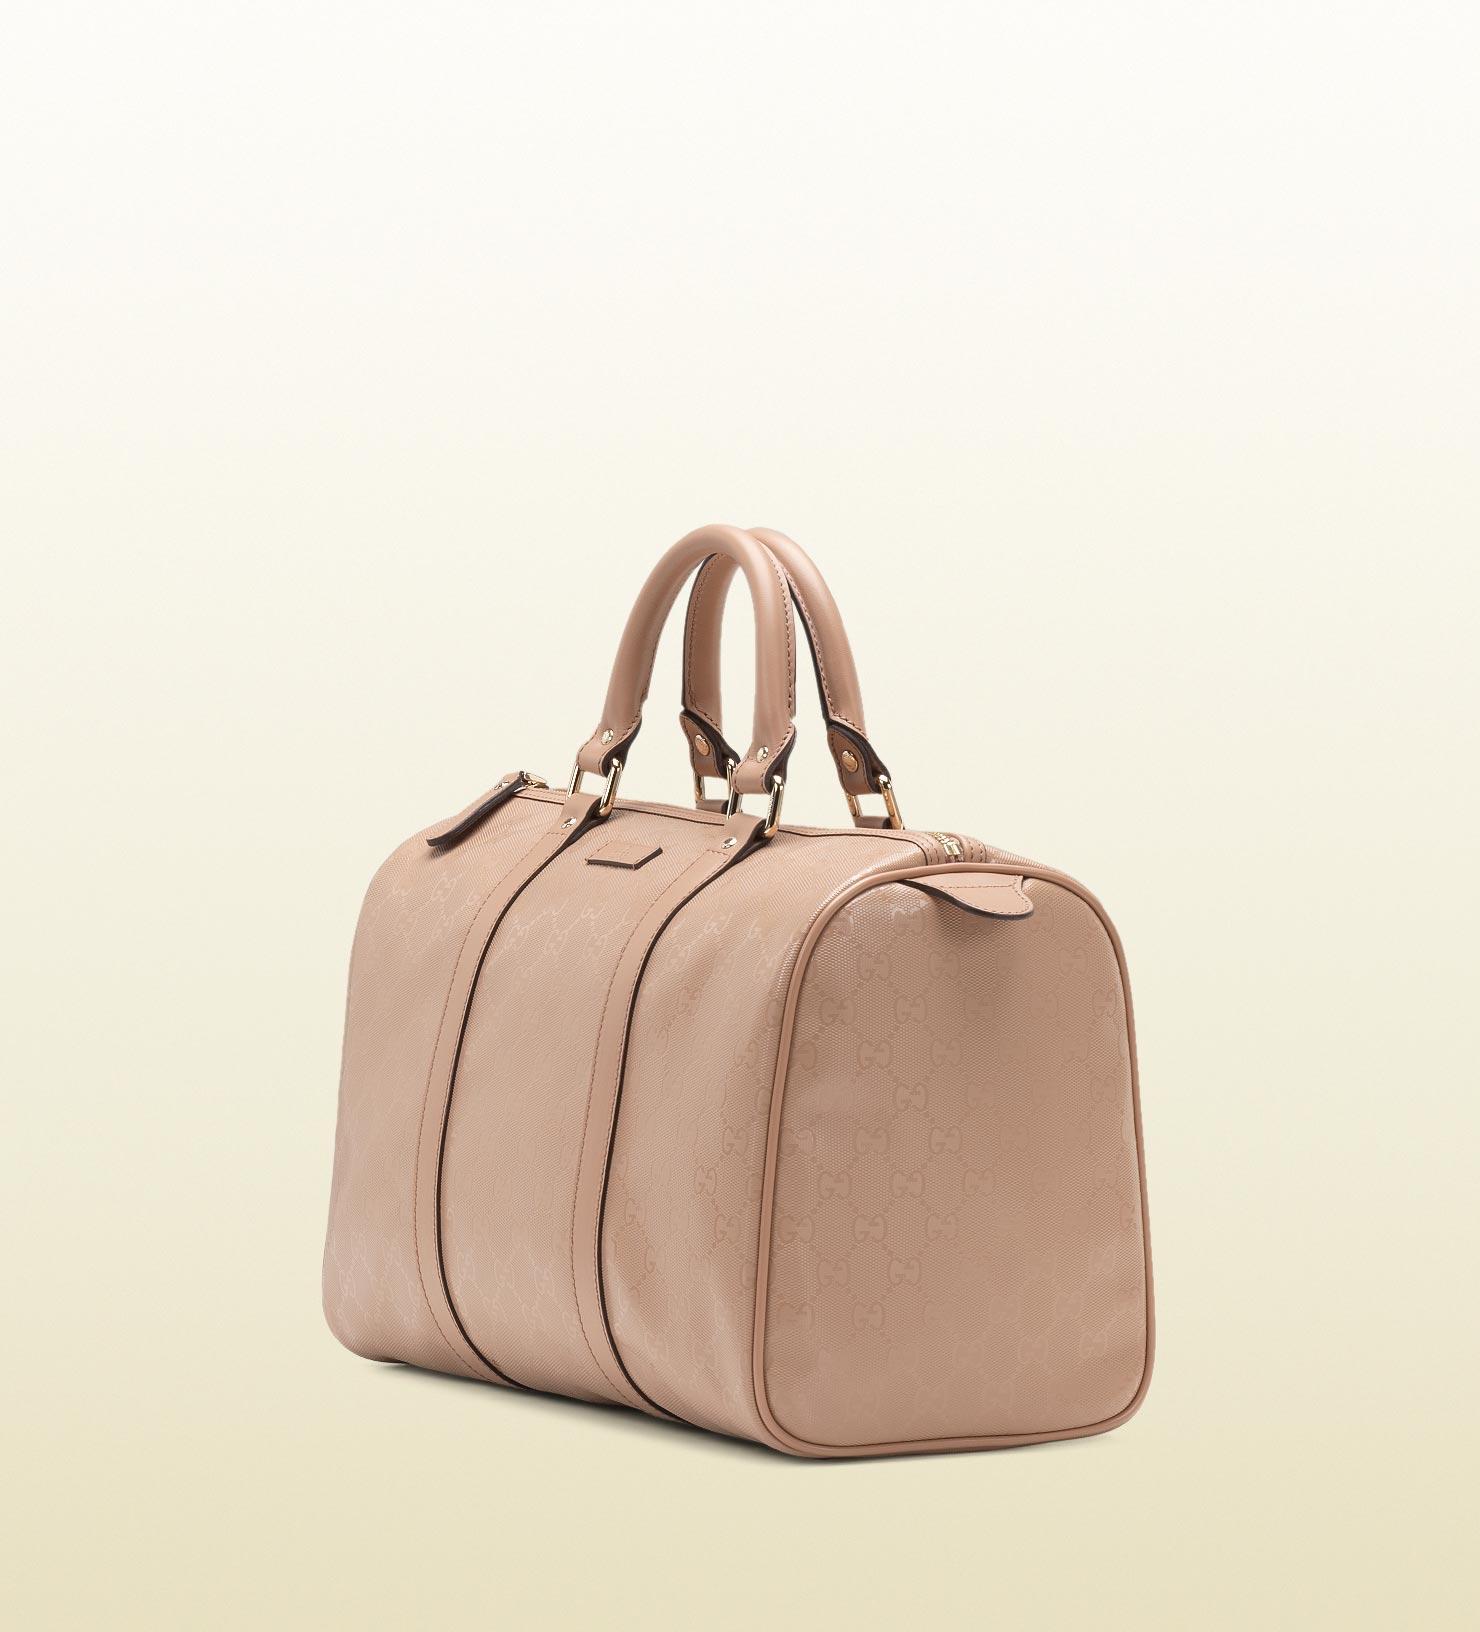 c86fc5f69cf Gucci Joy Leather Boston Bag in Pink - Lyst